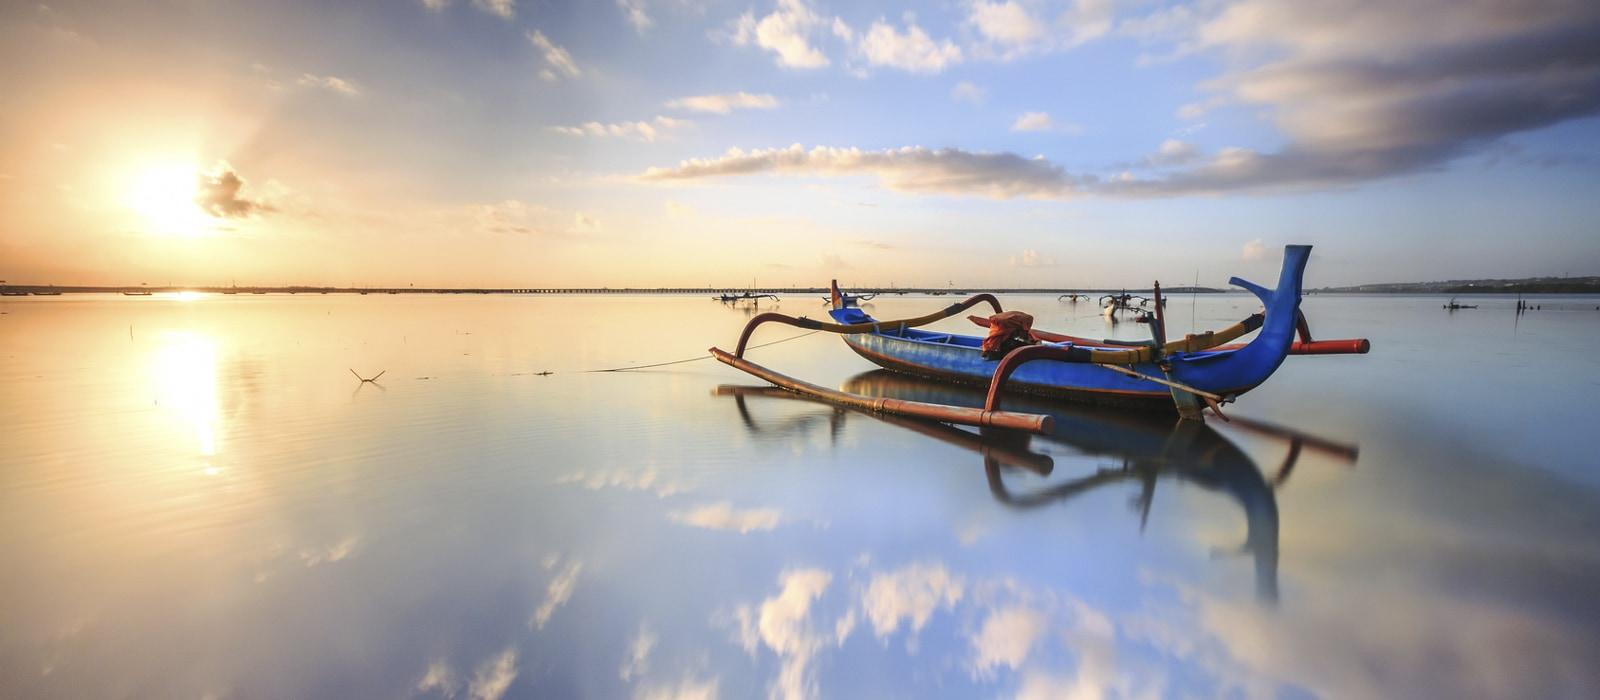 Voyage organisé en petit groupe - Sanur - Bali - Indonésie - Agence de voyage Les Routes du Monde